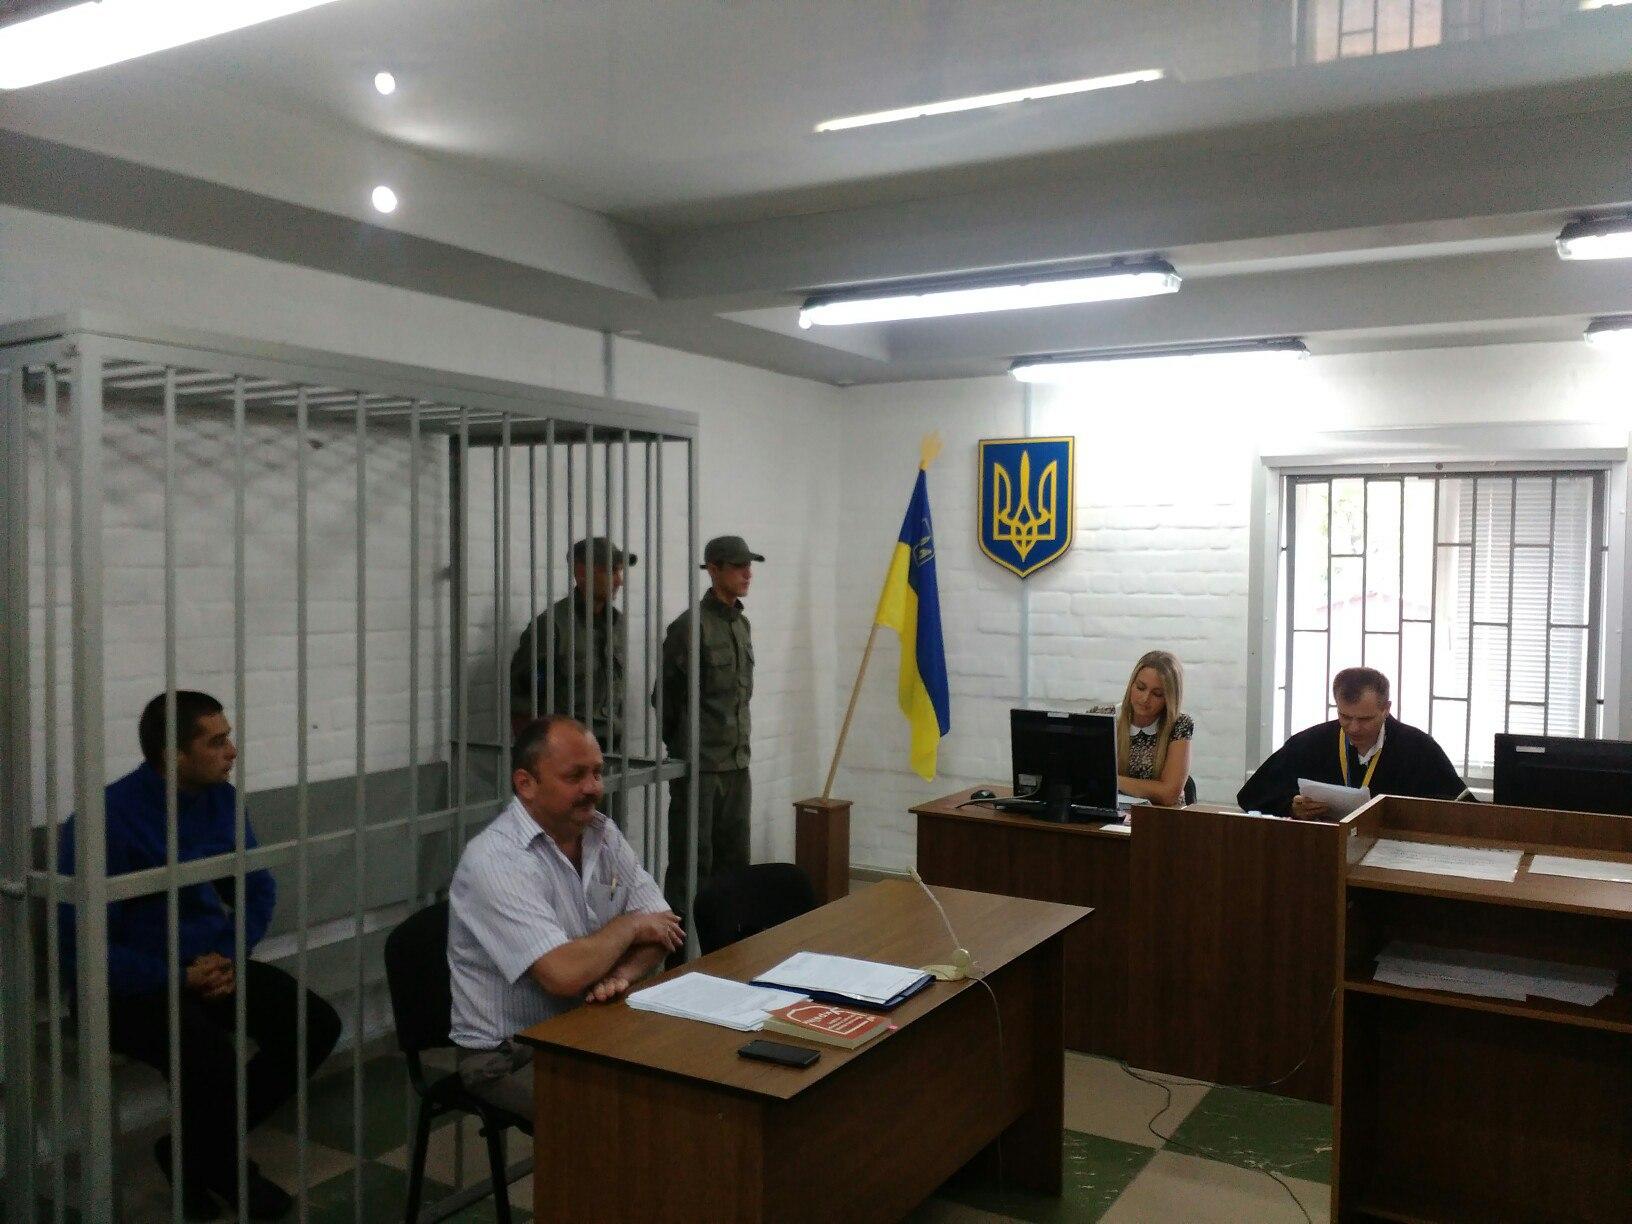 Нова Врадіївка: Поліцейських, причетних до скандального вбивства, заарештували